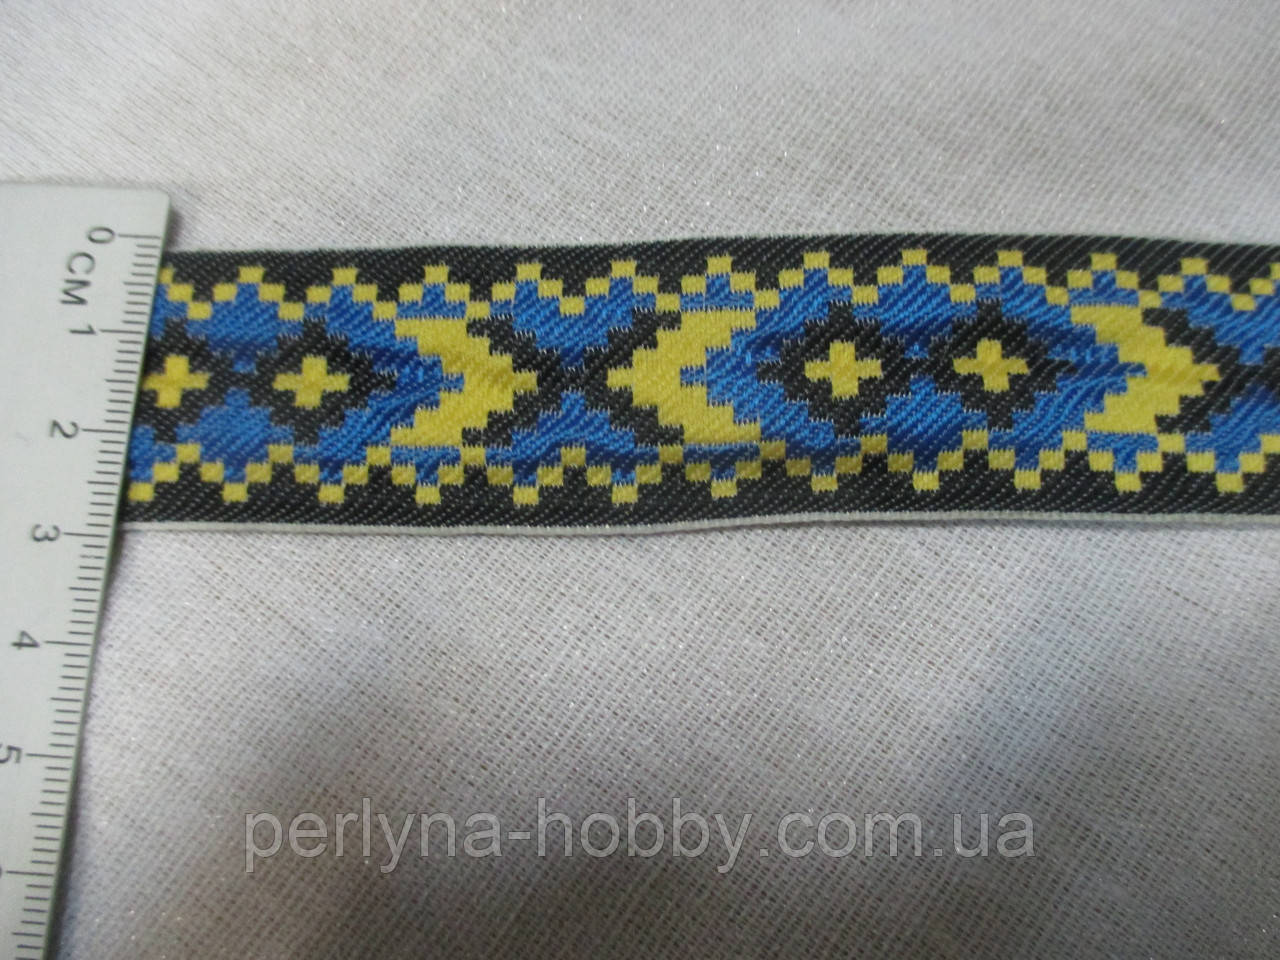 Тасьма з гометричним орнаментом 28мм., жовто-синя